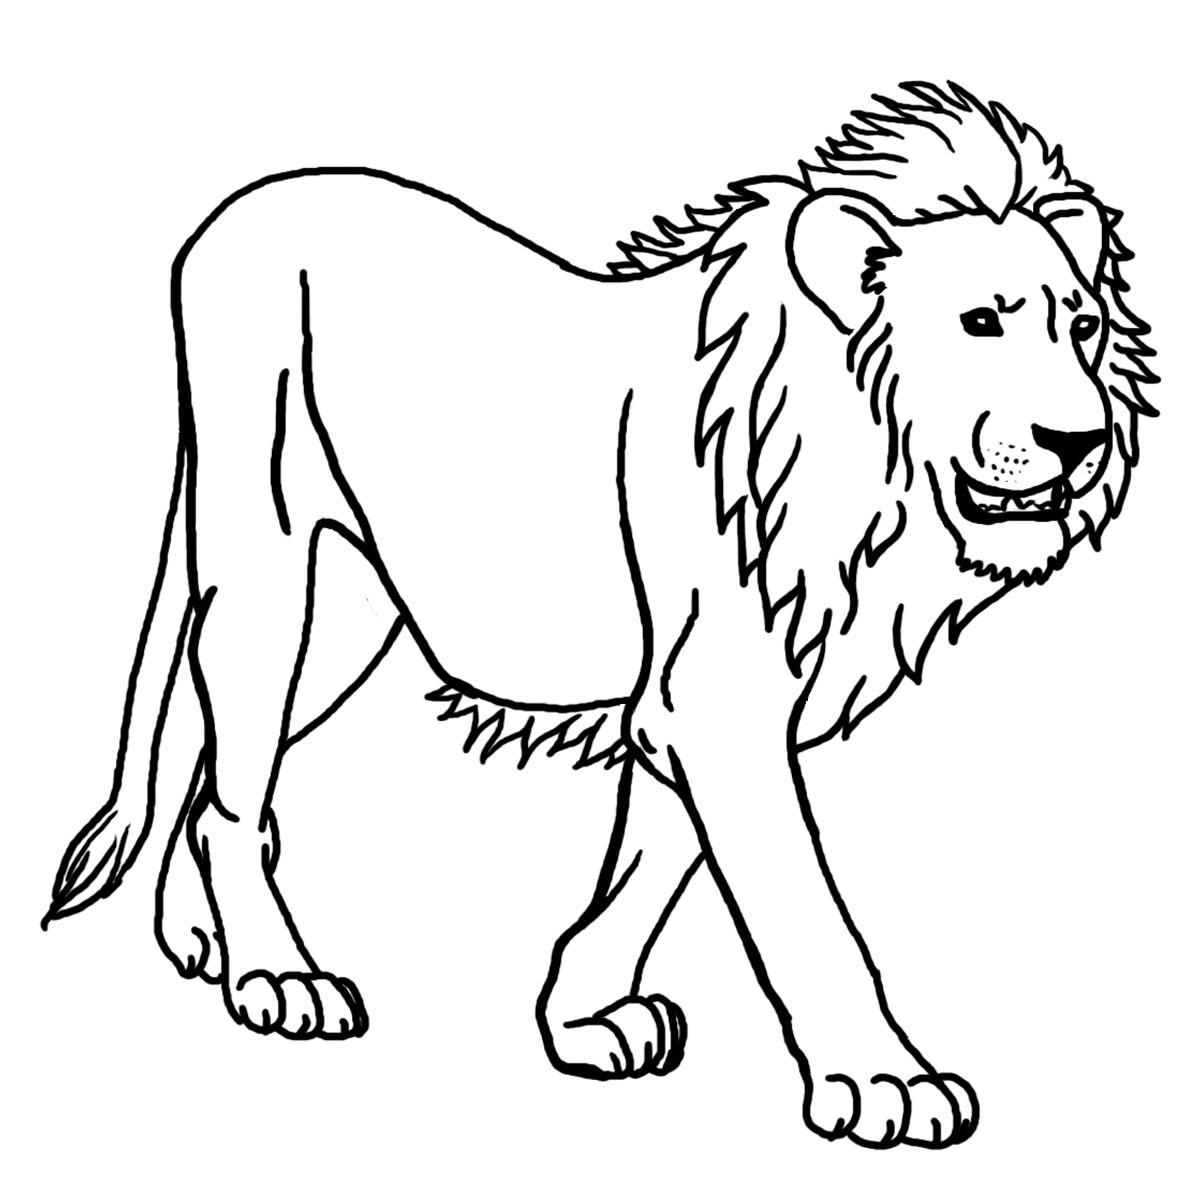 Coloriage À Imprimer Lion | My Blog destiné Coloriage Lionne